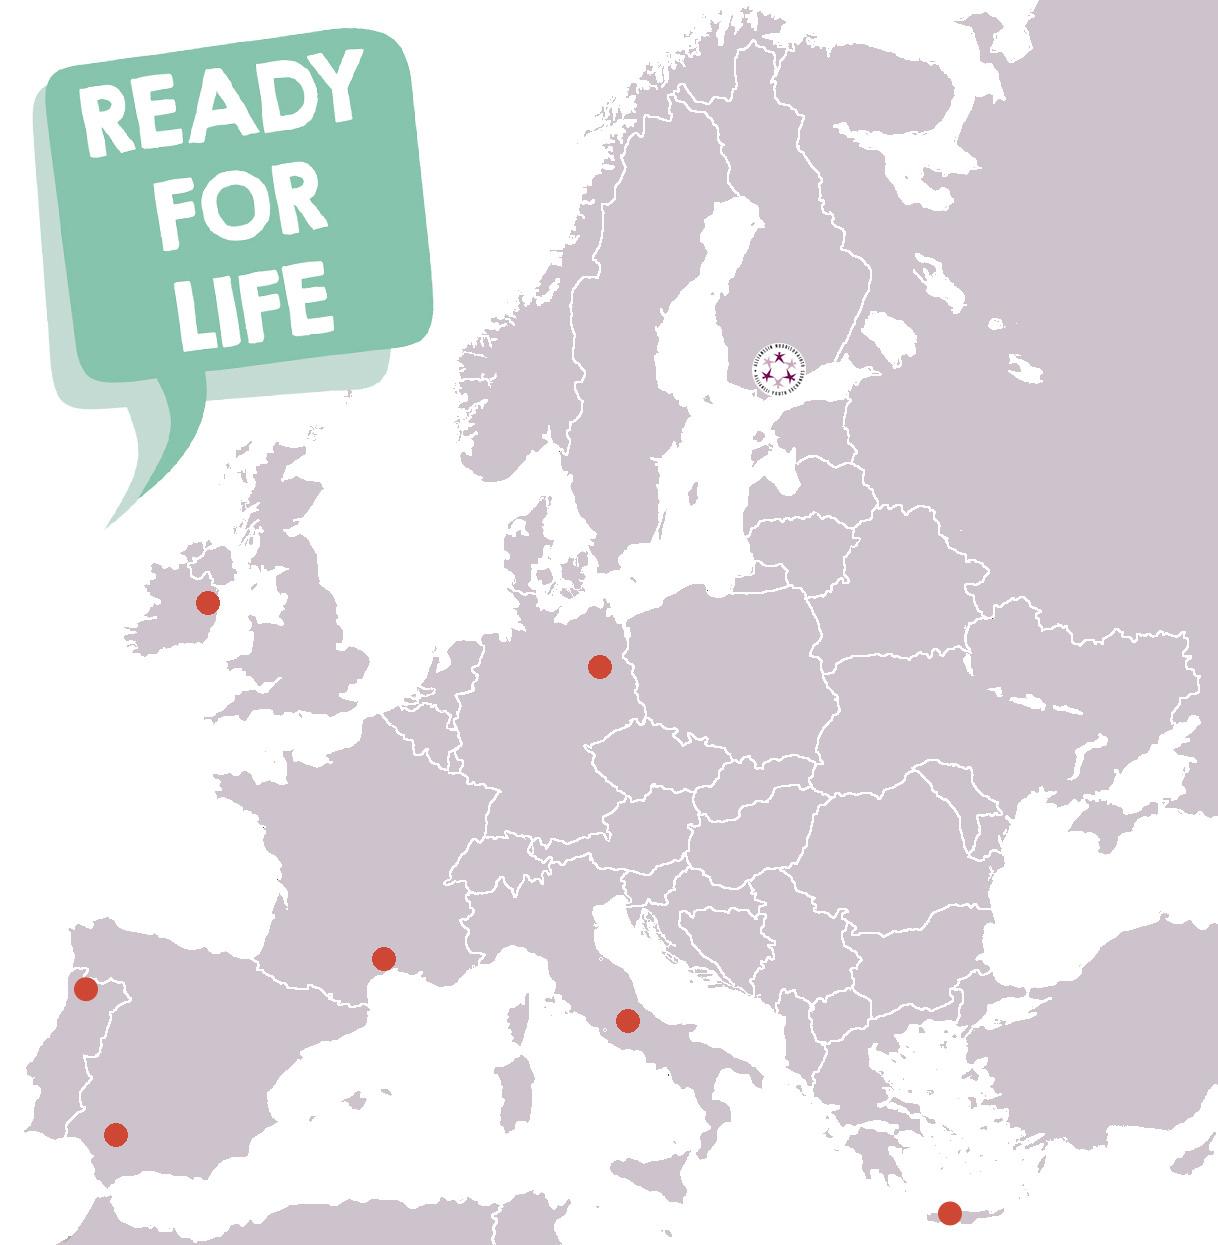 Hae kevääksi työharjoitteluun Eurooppaan